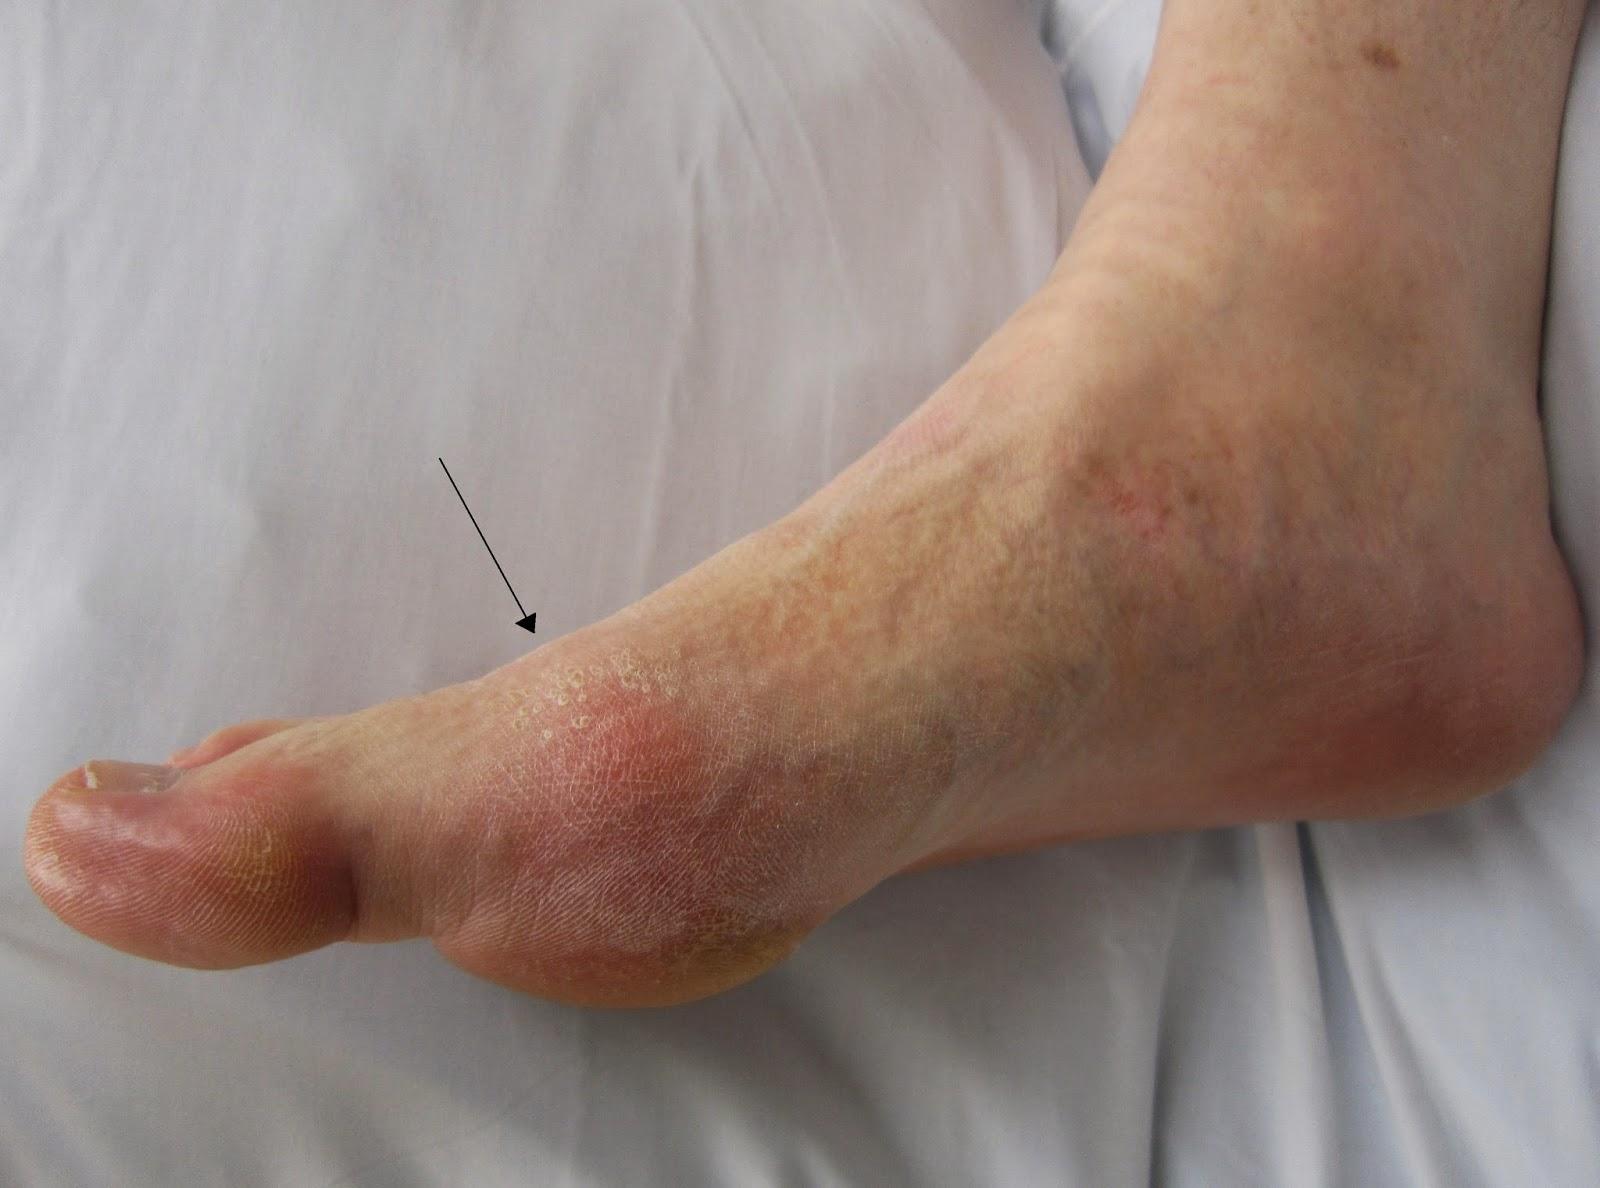 signs of diabetes in men feet